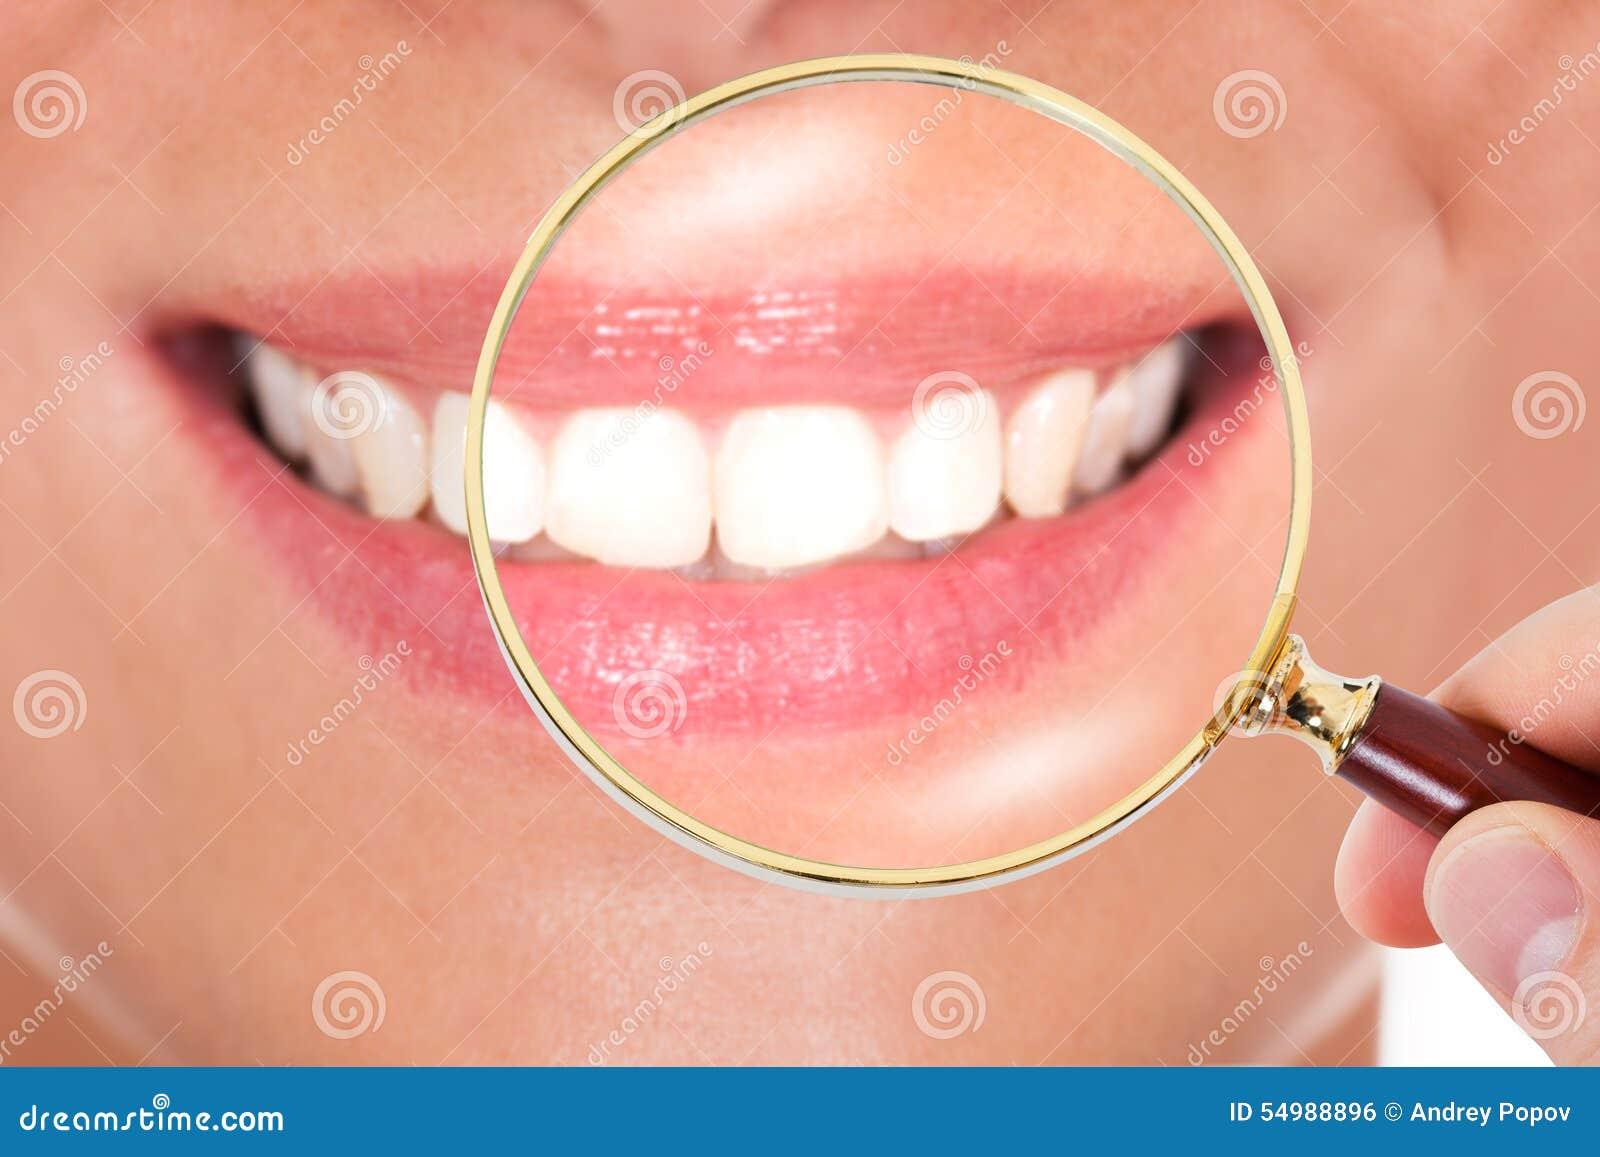 Kvinnliga tänder som kontrolleras med förstoringsglaset